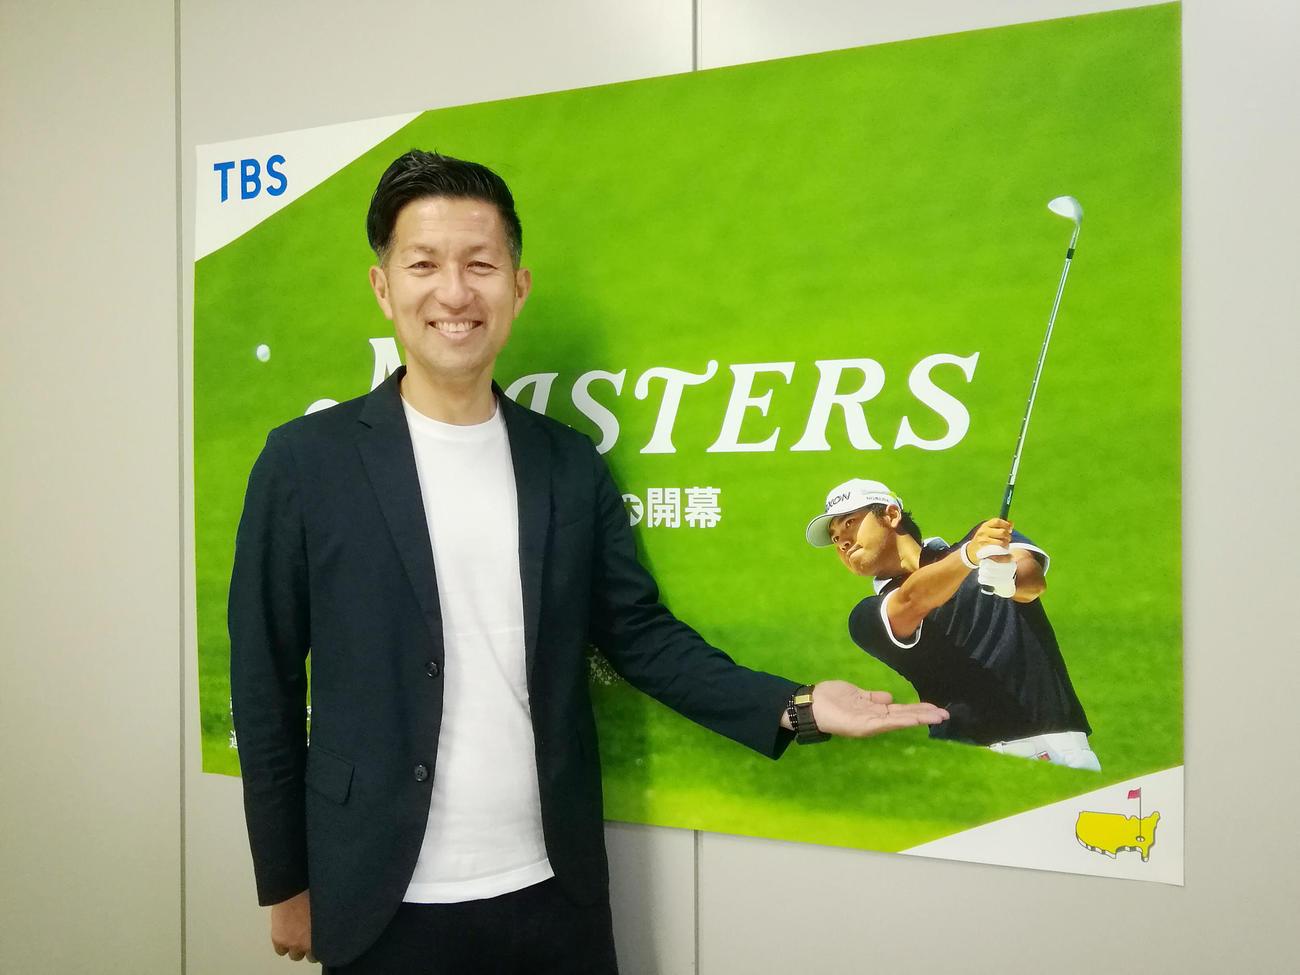 TBSでのマスターズ・トーナメント実況を担当した小笠原亘アナウンサー